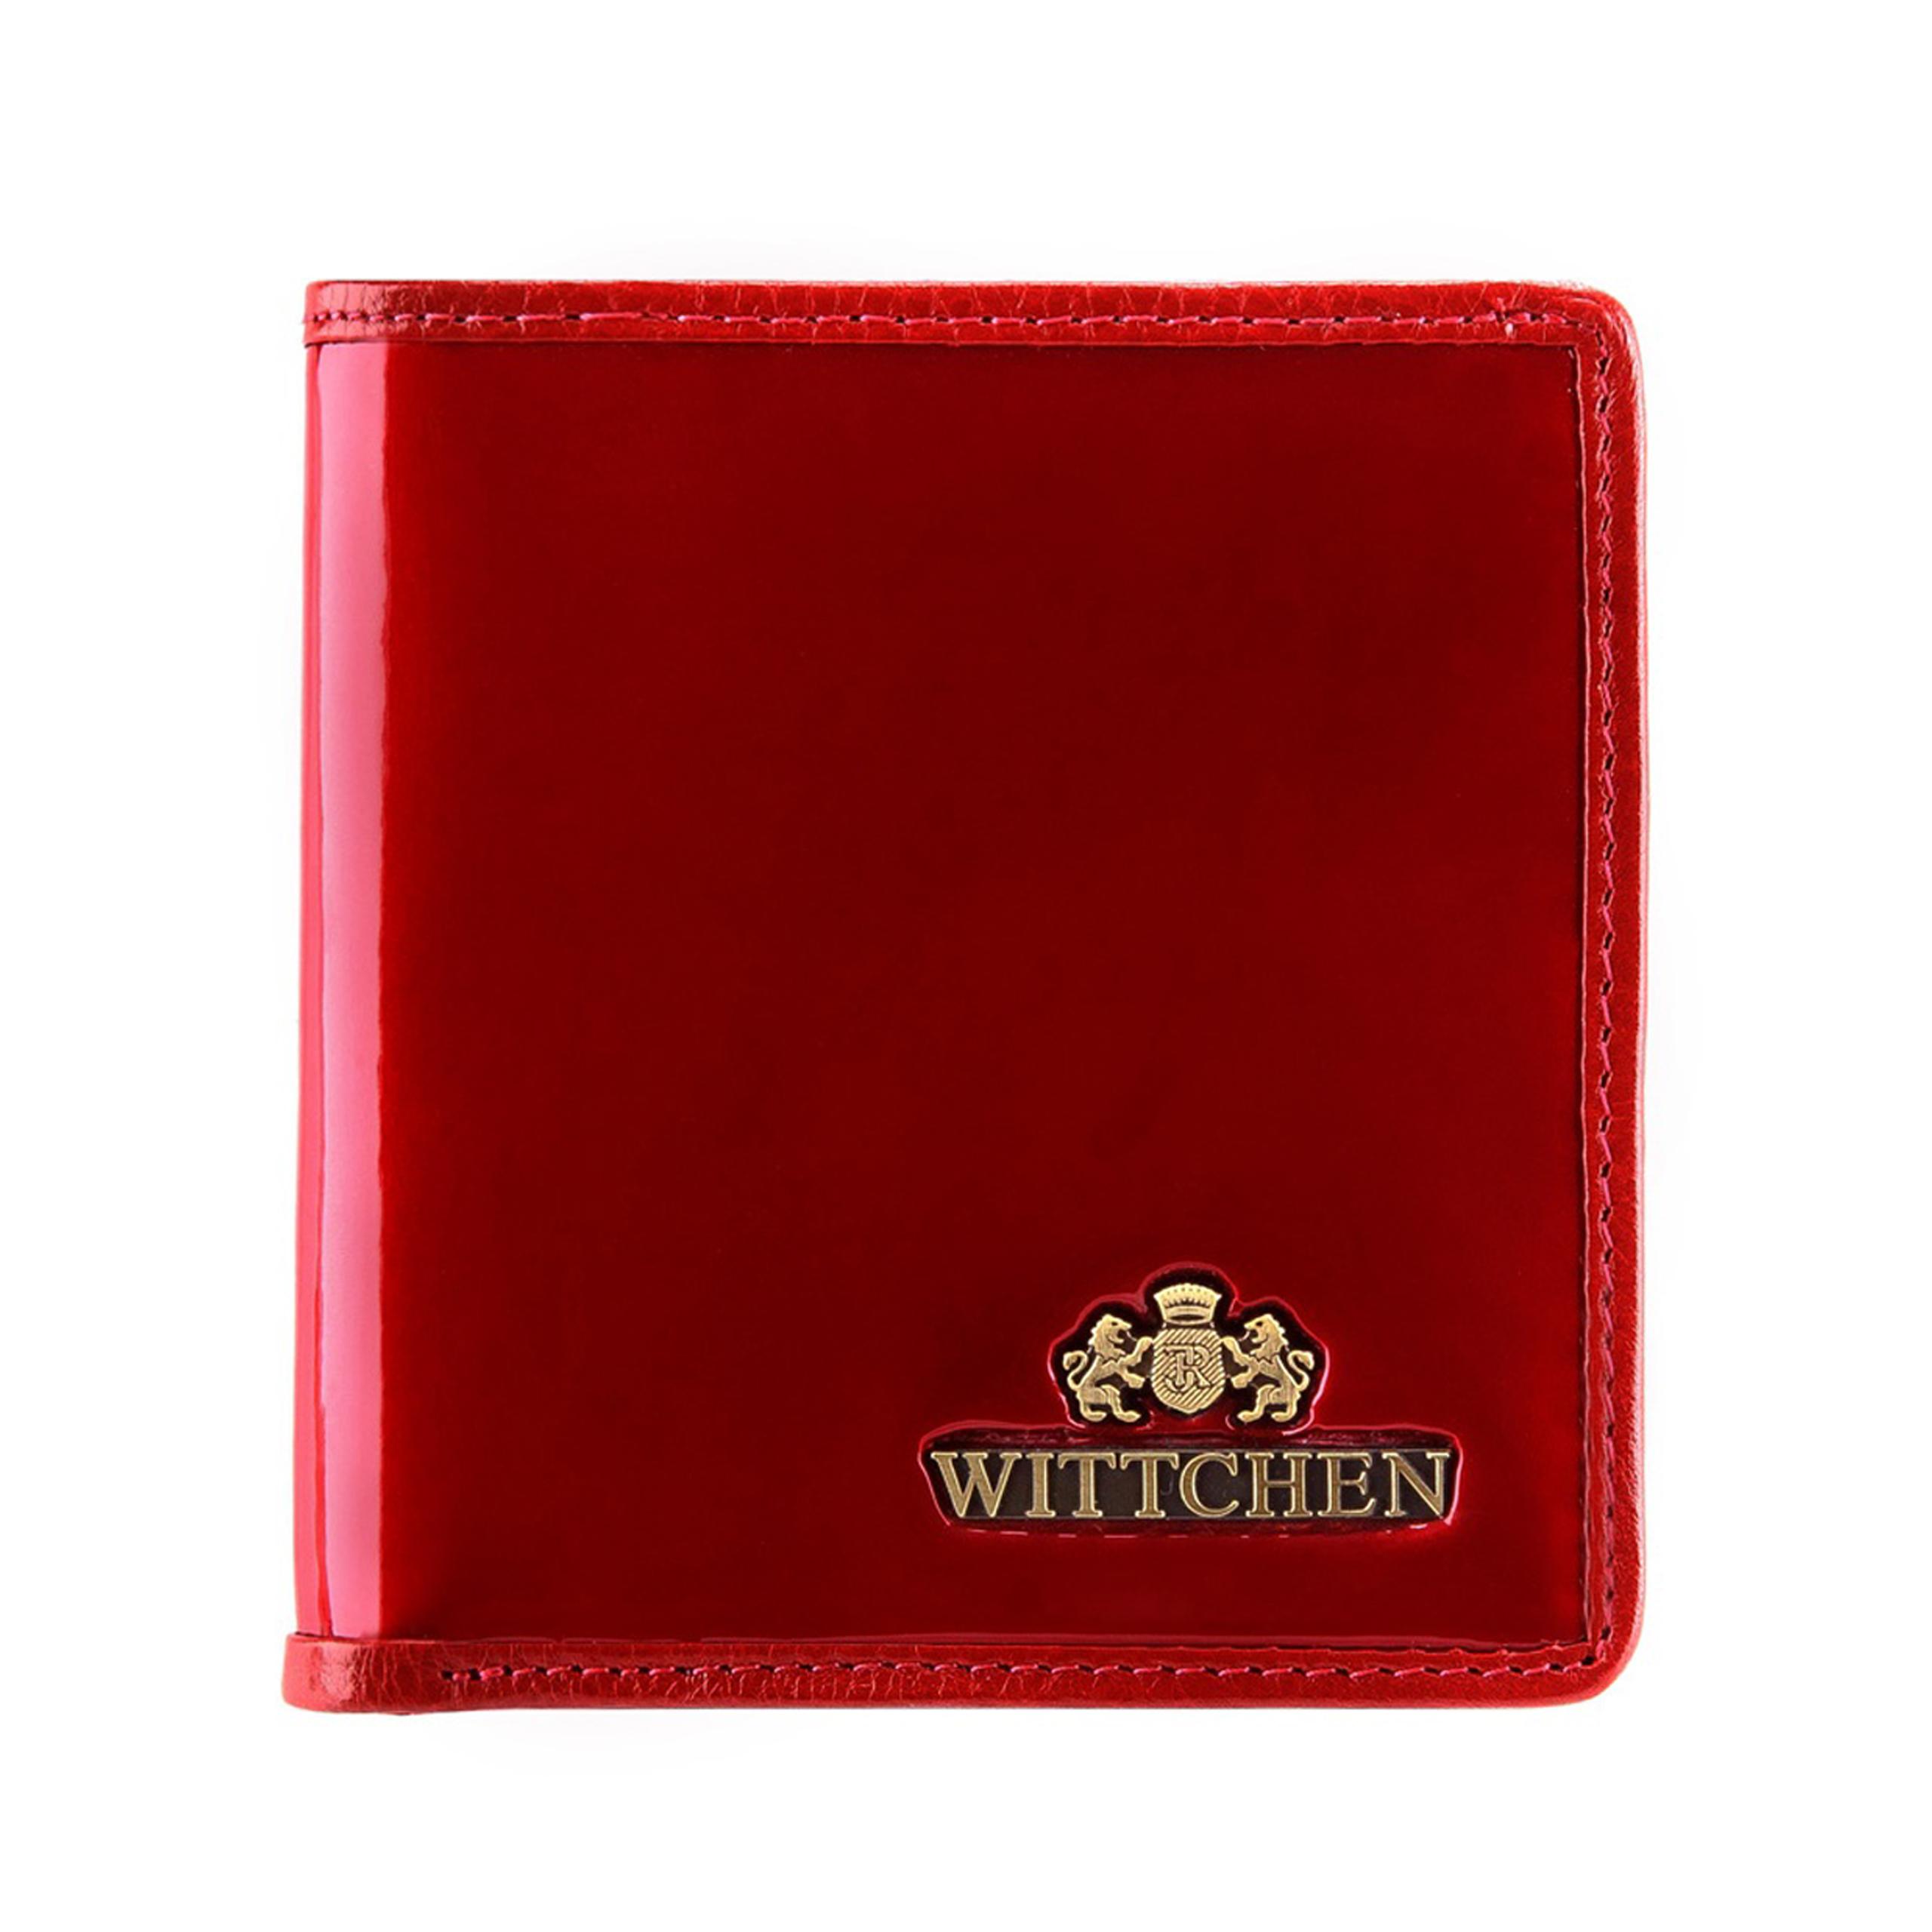 b632959e4d0b2 New Line - Portfel Wittchen Verona damski 25-1-065-3 czerwony ...